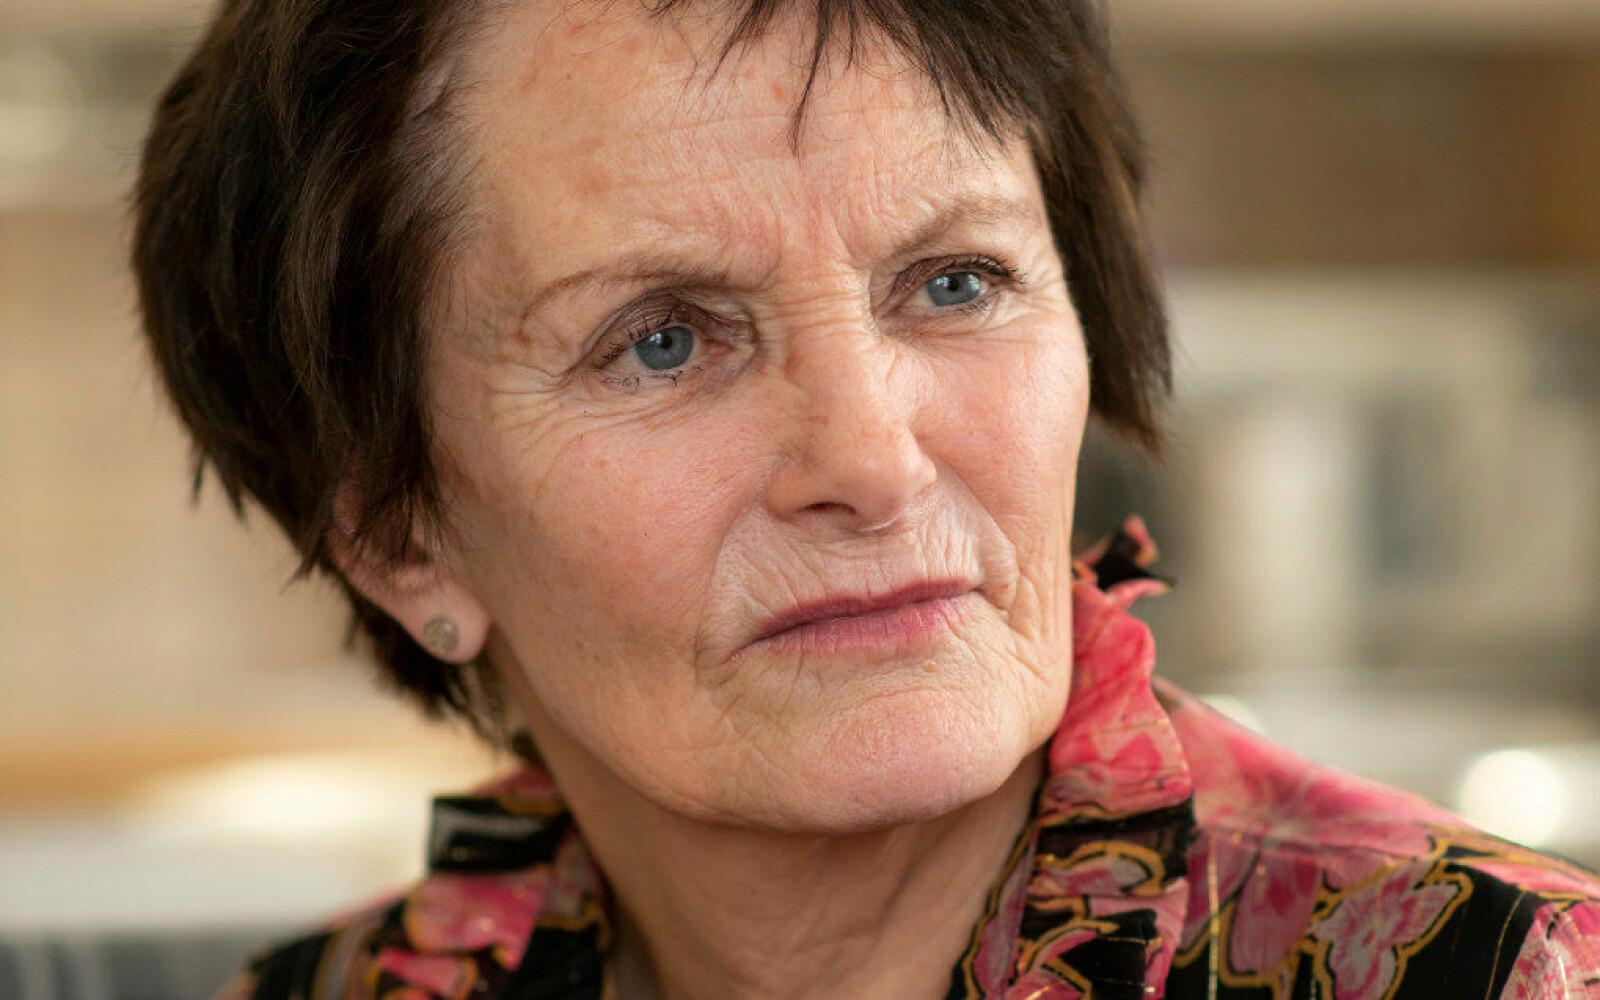 I 46 år jobbet Kjærsti som lærer. I 30 av de årene trivdes hun godt, men i 2006 startet problemene. Mobbingen førte til at Kjærsti byttet jobb to ganger. Foto: Erik M. Sundt